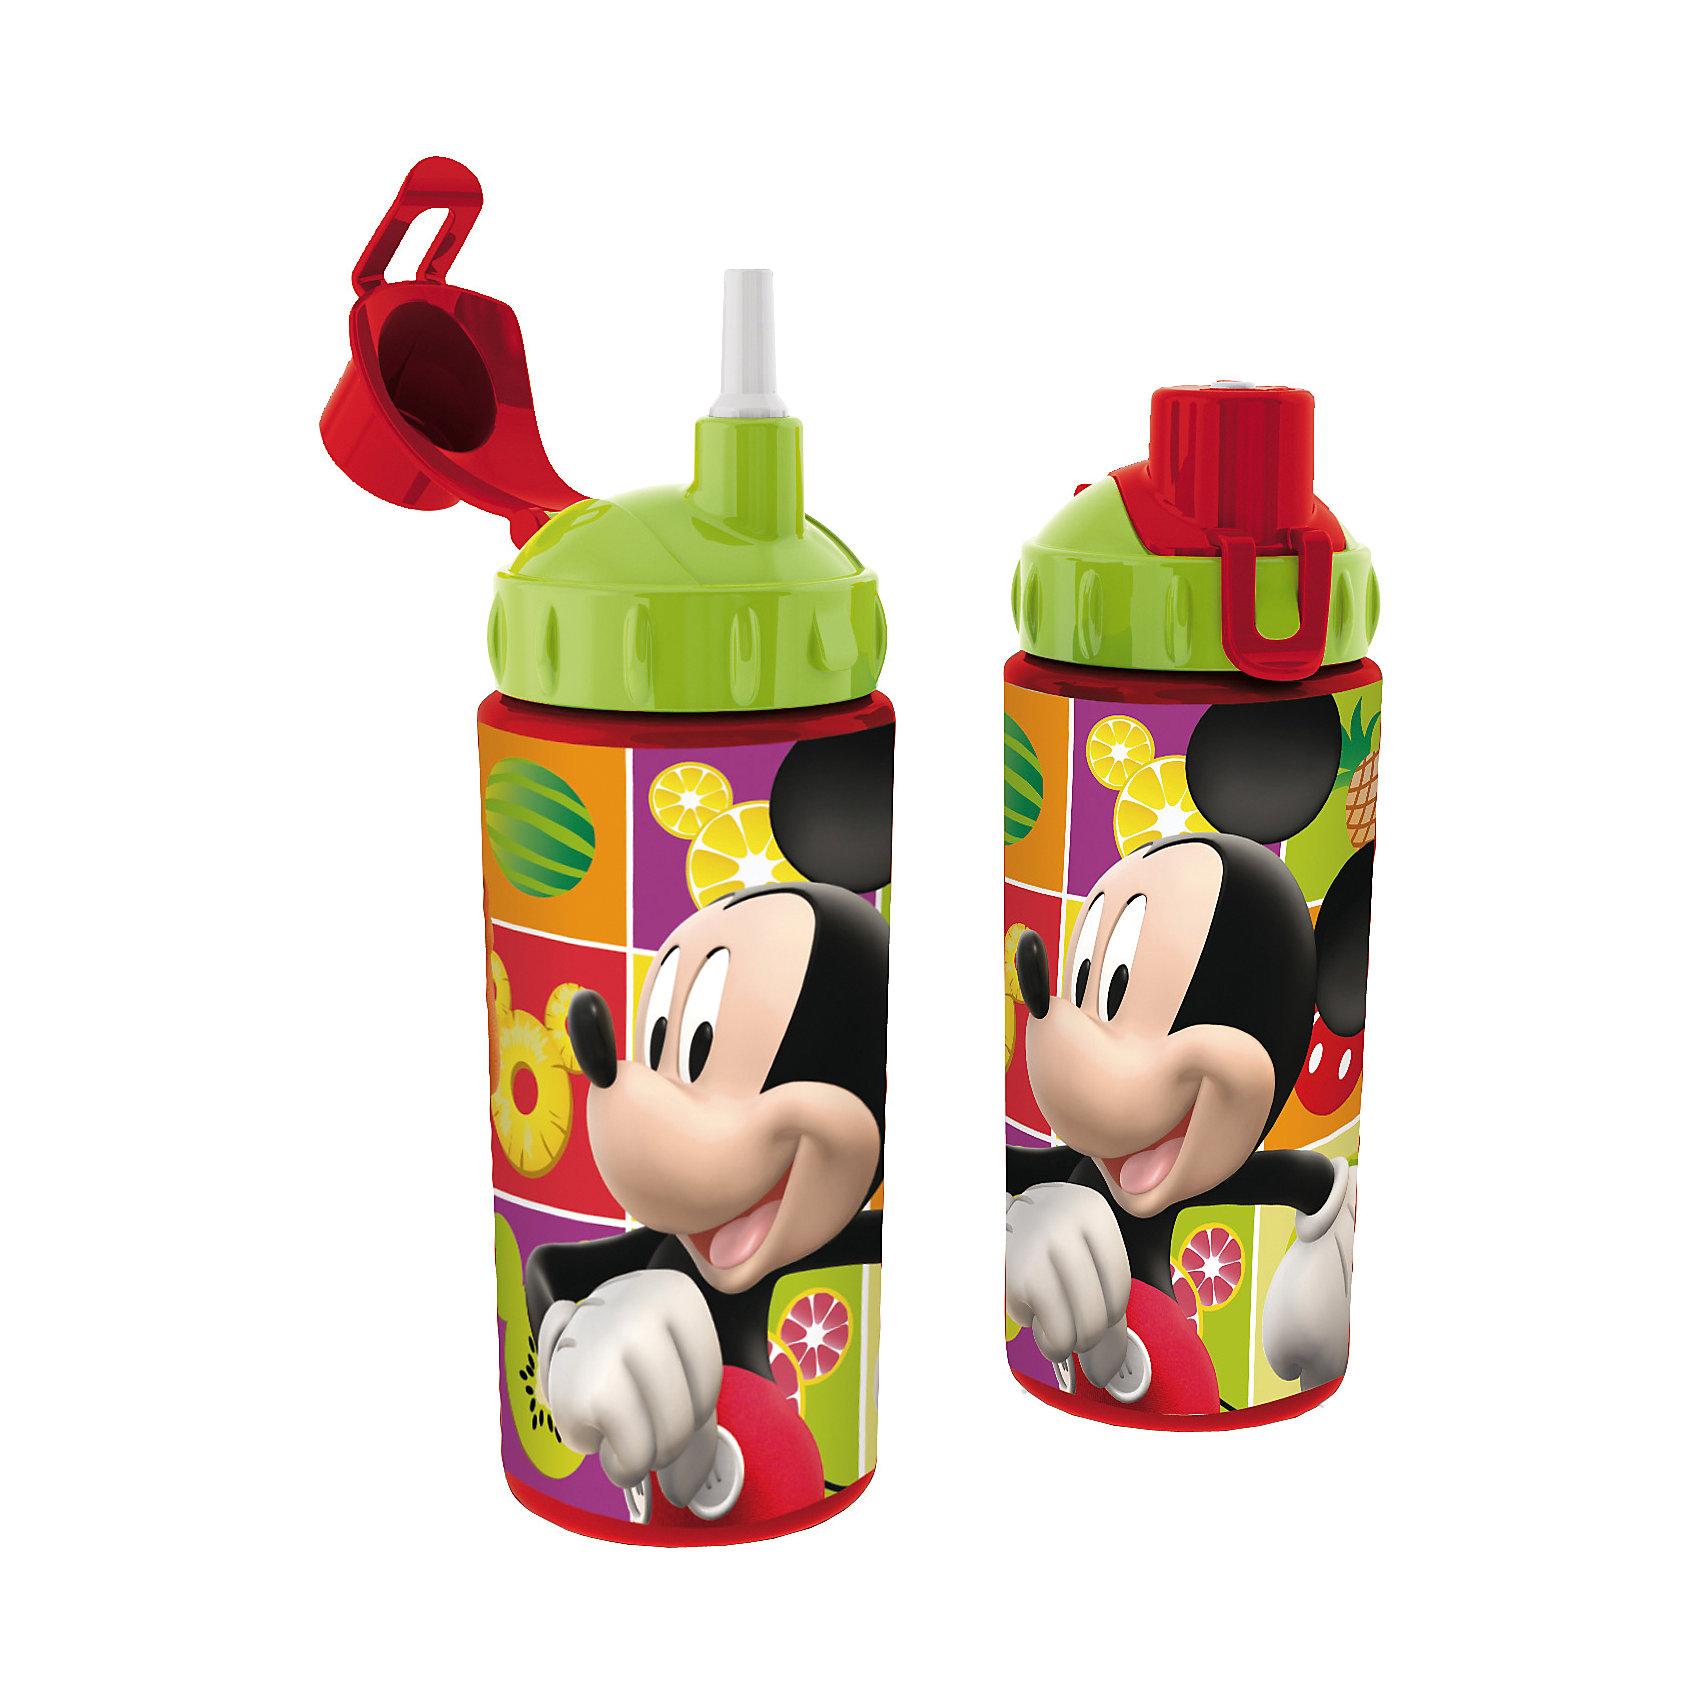 Бутылка спортивная с соломинкой (360 мл), Микки МаусВо время активных тренировок и долгих прогулок очень важно, чтобы ребенок потреблял достаточное количество жидкости. Спортивная бутылка Микки Маус (Mickey Mouse) непременно станет любимой у ребенка. Из яркой и удобной бутылочки с изображением любимца всех детей мышонка Микки, любой напиток будет еще вкуснее! Благодаря компактным размерам бутылку удобно брать в походы, поездки и в школу. Соломинка позволит пить даже на ходу! Носик бутылки закрывается крышечкой, которая препятствует загрязнению и жидкость никогда не прольется. Бутылочка выполнена из безопасных материалов - Вы можете не беспокоиться о здоровье ребенка. Родителей особенно порадует, что бутылку очень легко поддерживать в чистоте. Берите спортивную бутылку с соломинкой Микки Маус (Mickey Mouse) с собой в дорогу, на прогулку и Вы обязательно оцените ее удобство.<br><br>Дополнительная информация:<br><br>- С соломинкой;<br>- Носик с крышечкой;<br>- Особенно понравится поклонникам мультфильмов про Микки Мауса (Mickey Mouse);<br>- Материал: высококачественный пластик;<br>- Объем: 360 мл;<br>- Размер: 18 х 7 х 7 см<br><br>Бутылку спортивную с соломинкой (360 мл), Микки Маус (Mickey Mouse), можно купить в нашем интернет-магазине.<br><br>Ширина мм: 65<br>Глубина мм: 65<br>Высота мм: 165<br>Вес г: 75<br>Возраст от месяцев: 36<br>Возраст до месяцев: 108<br>Пол: Унисекс<br>Возраст: Детский<br>SKU: 4088632